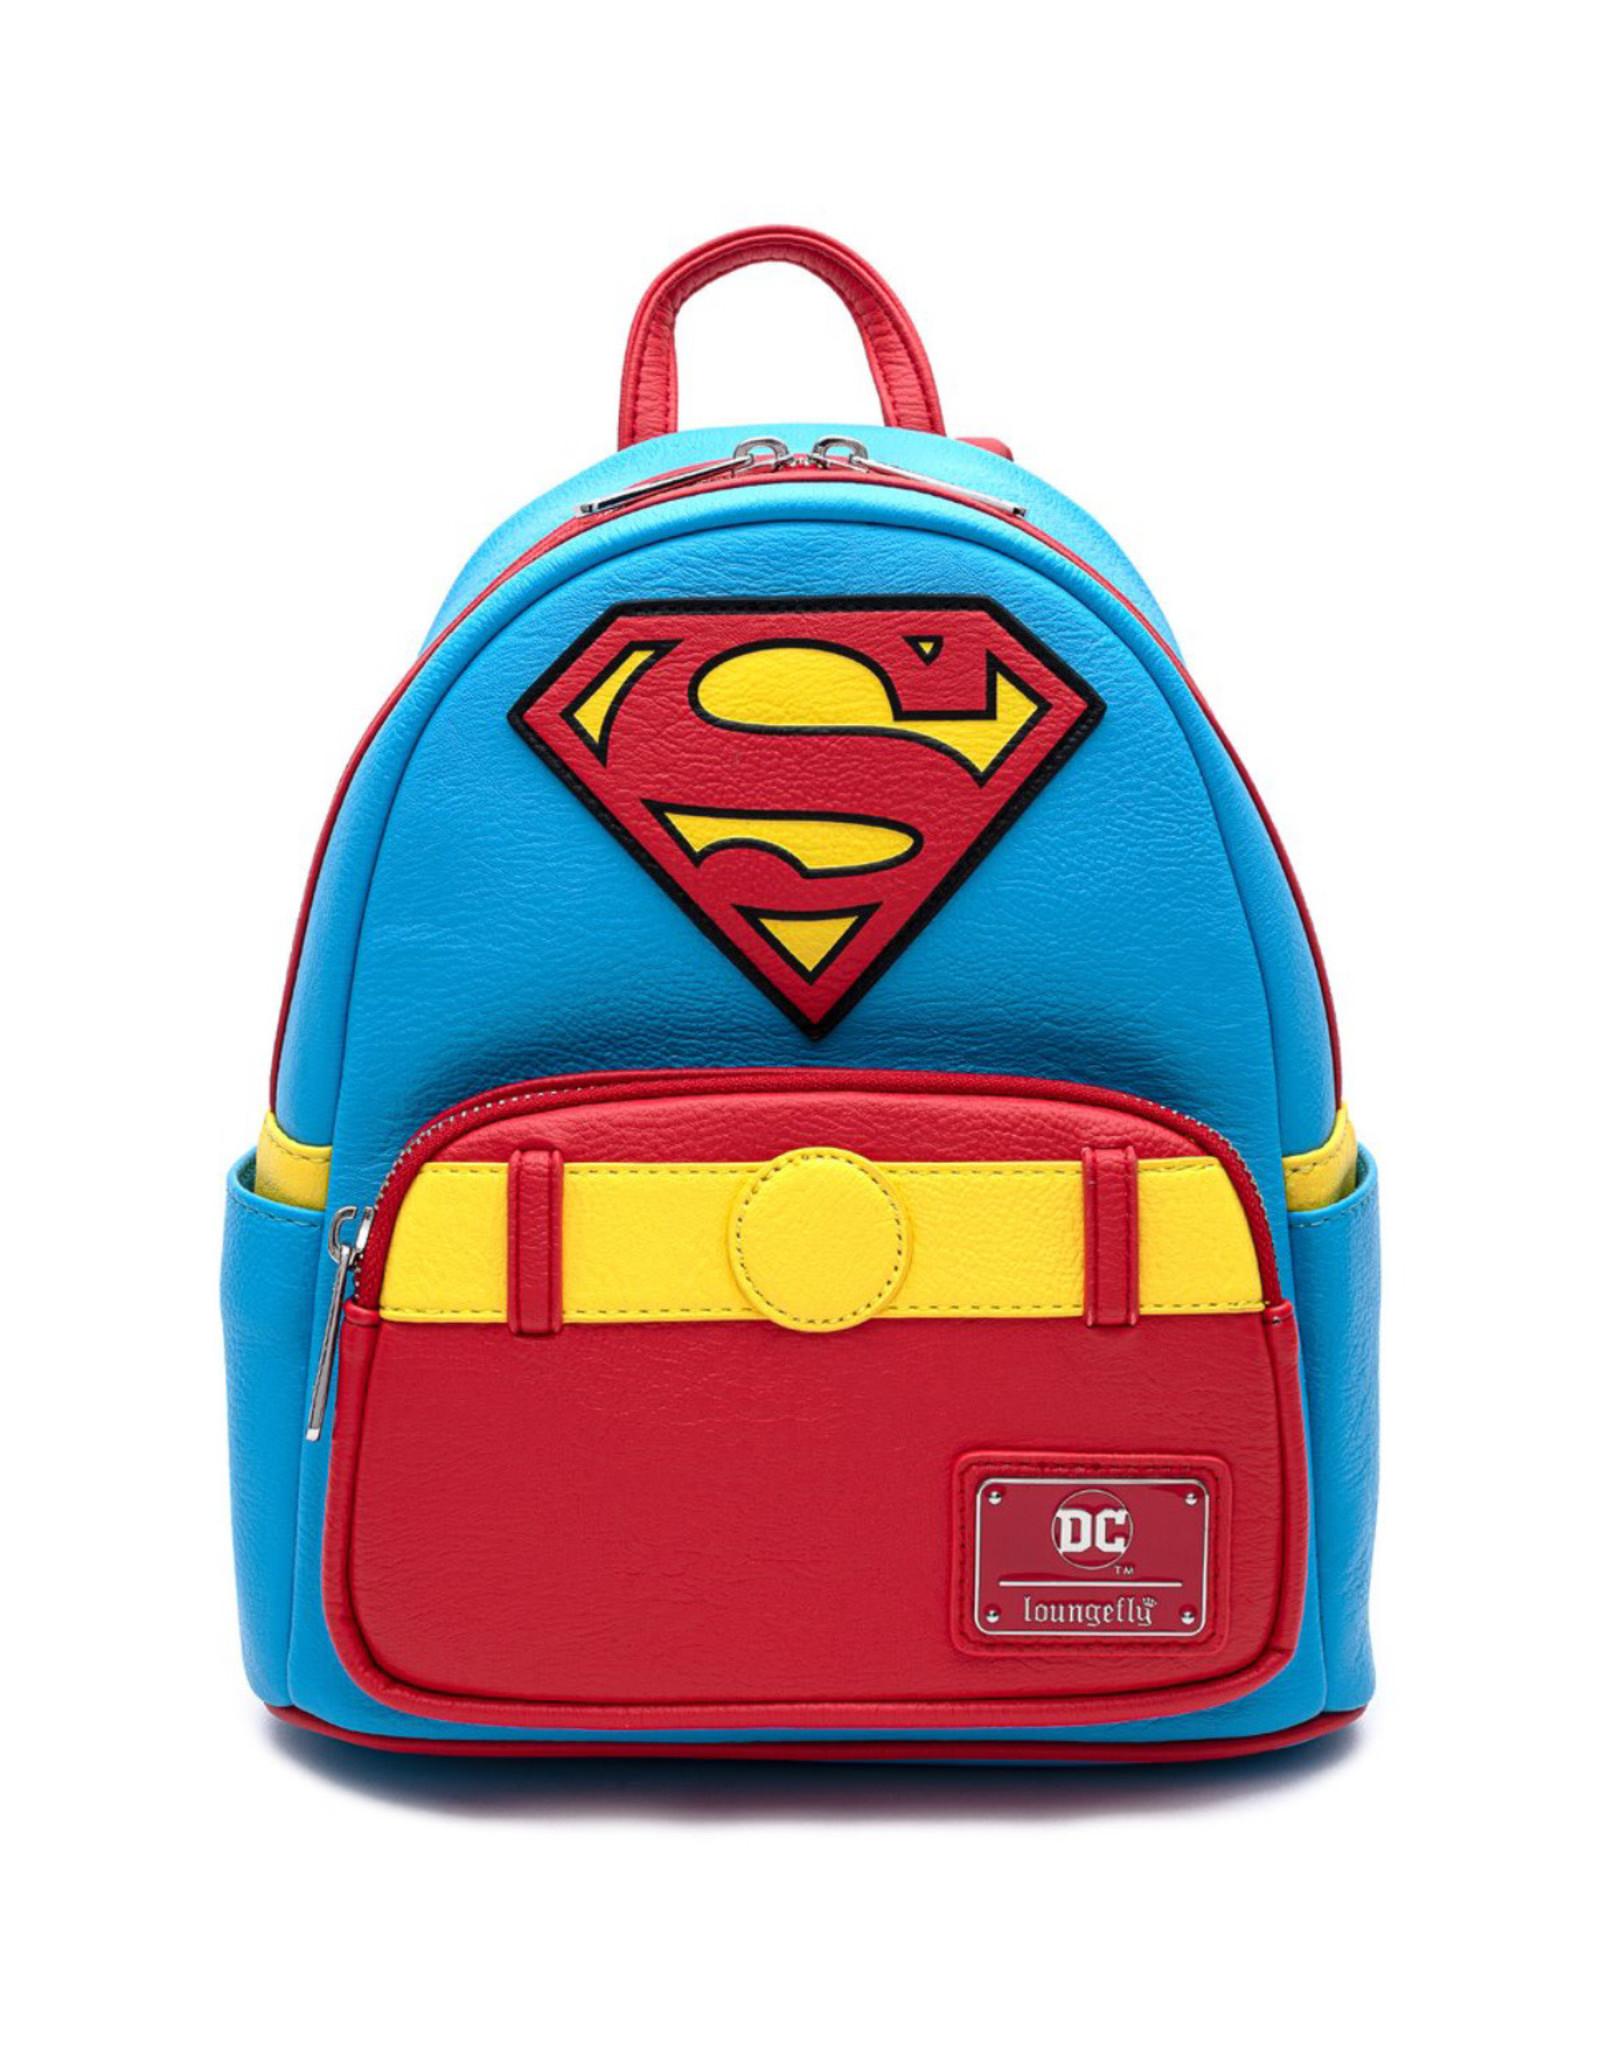 Dc comics Dc Comics ( Loungefly Mini backpack ) Superman